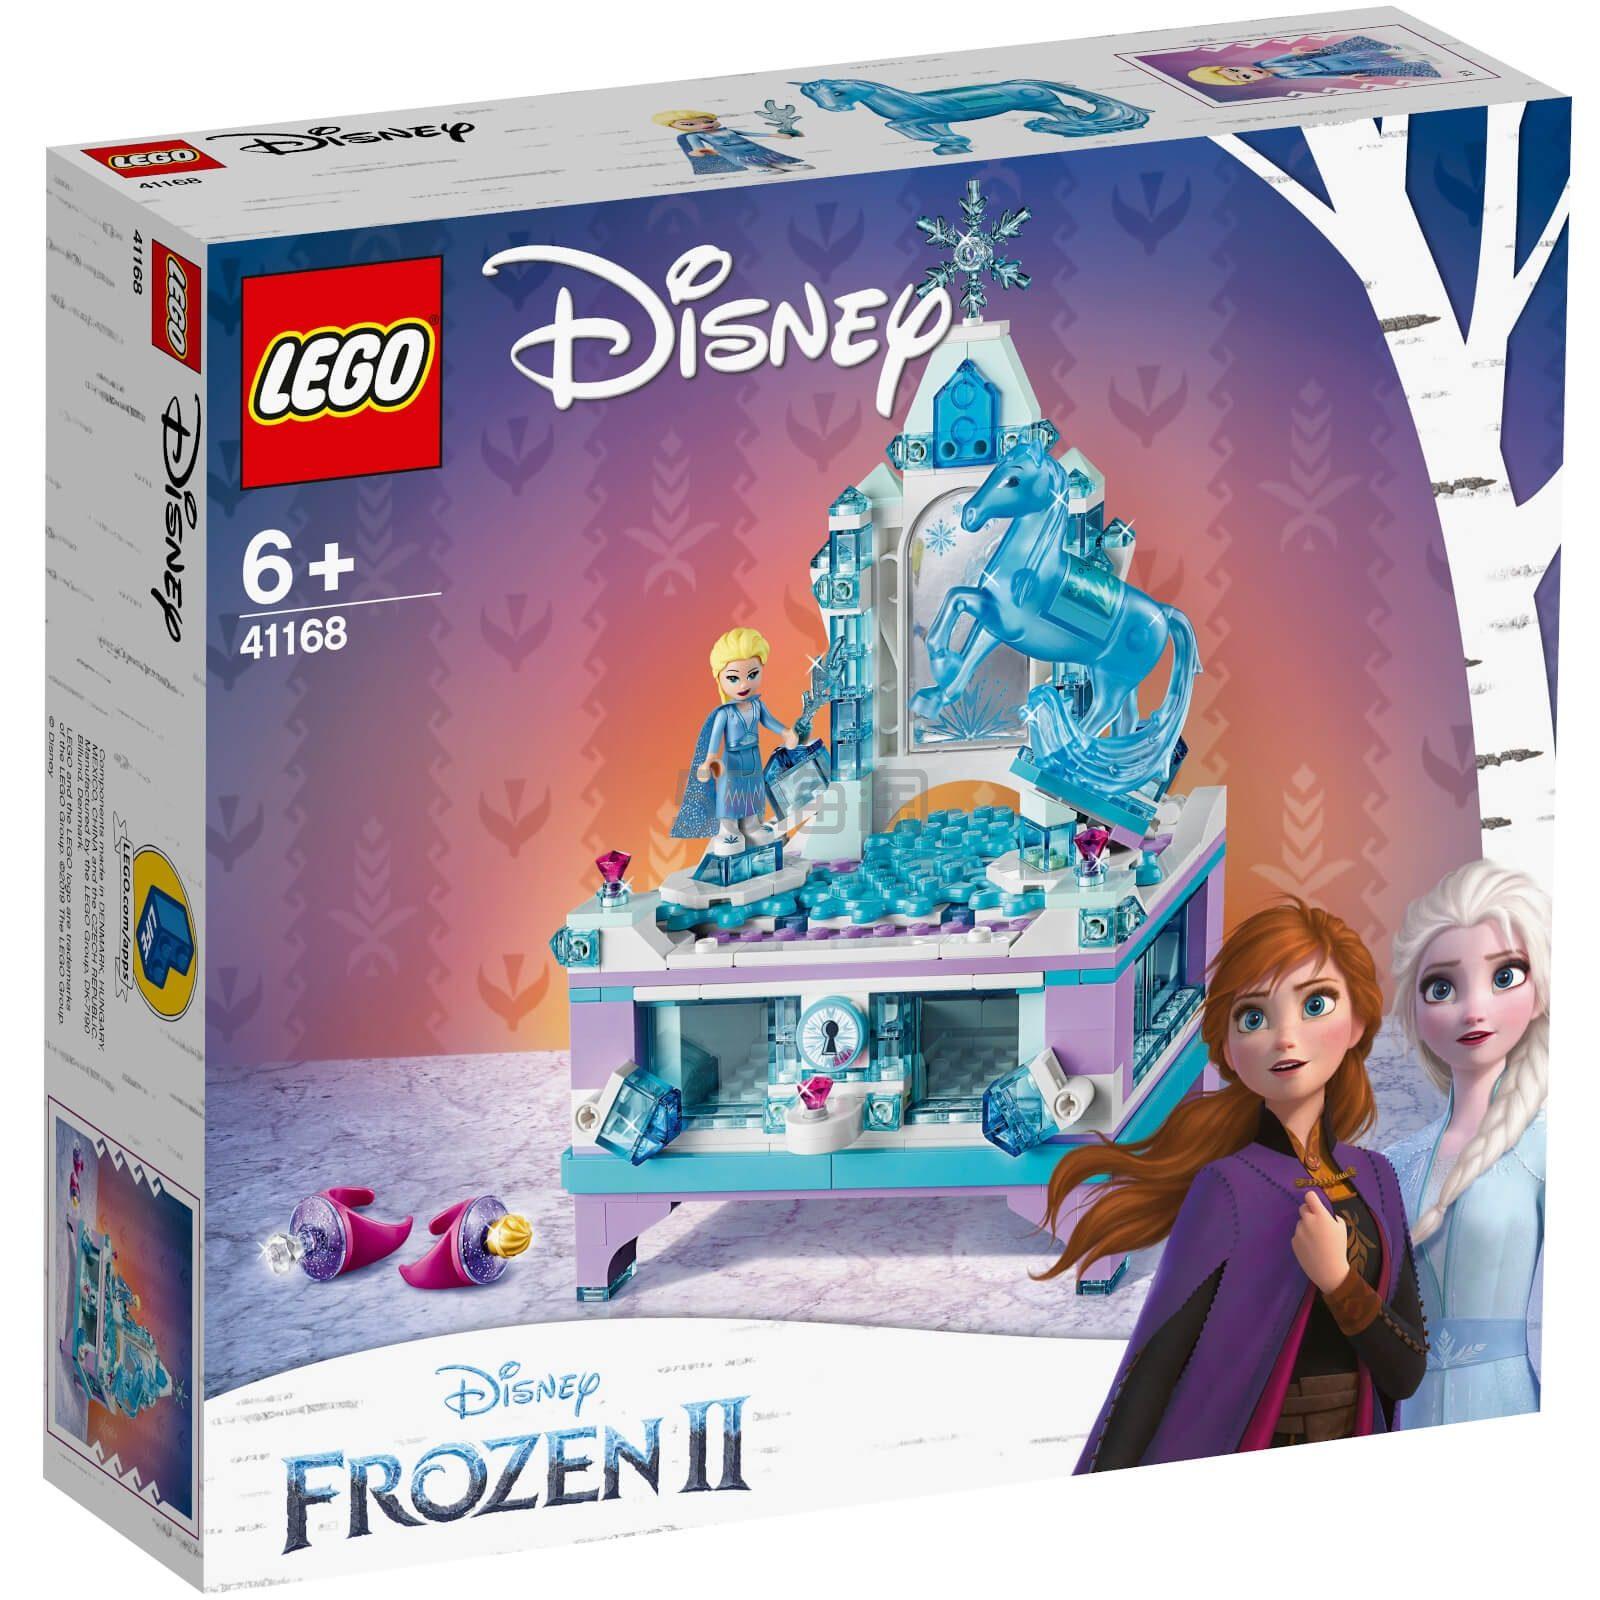 免邮!LEGO 乐高迪士尼公主 艾莎的创意珠宝盒 (41168)